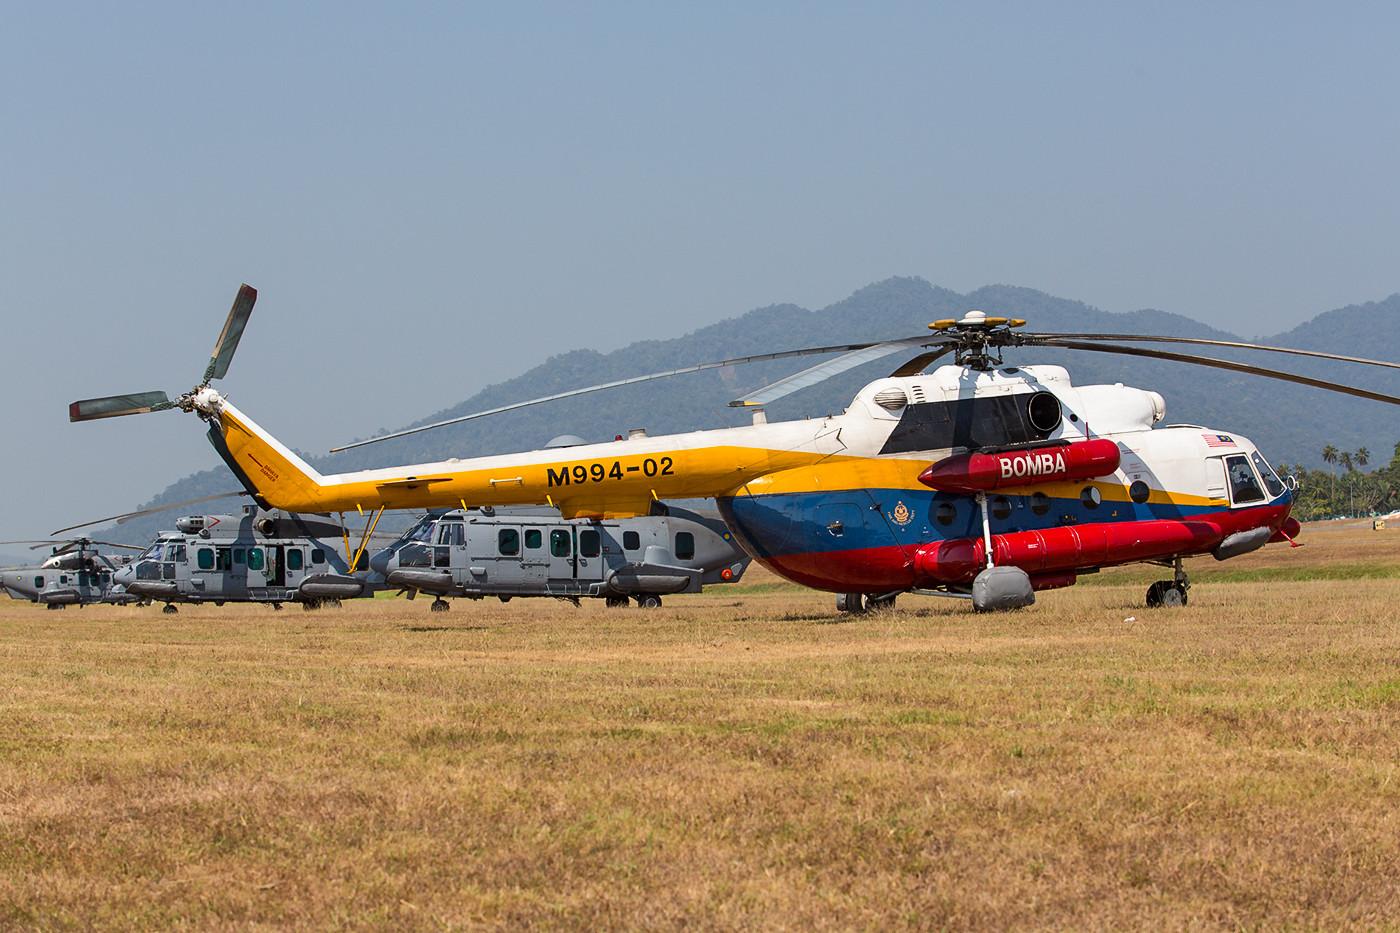 Hubschrauber der Feuerlöscheinheit aus Subang. Hier die M998-02, eine Mil Mi-8MTV-1.